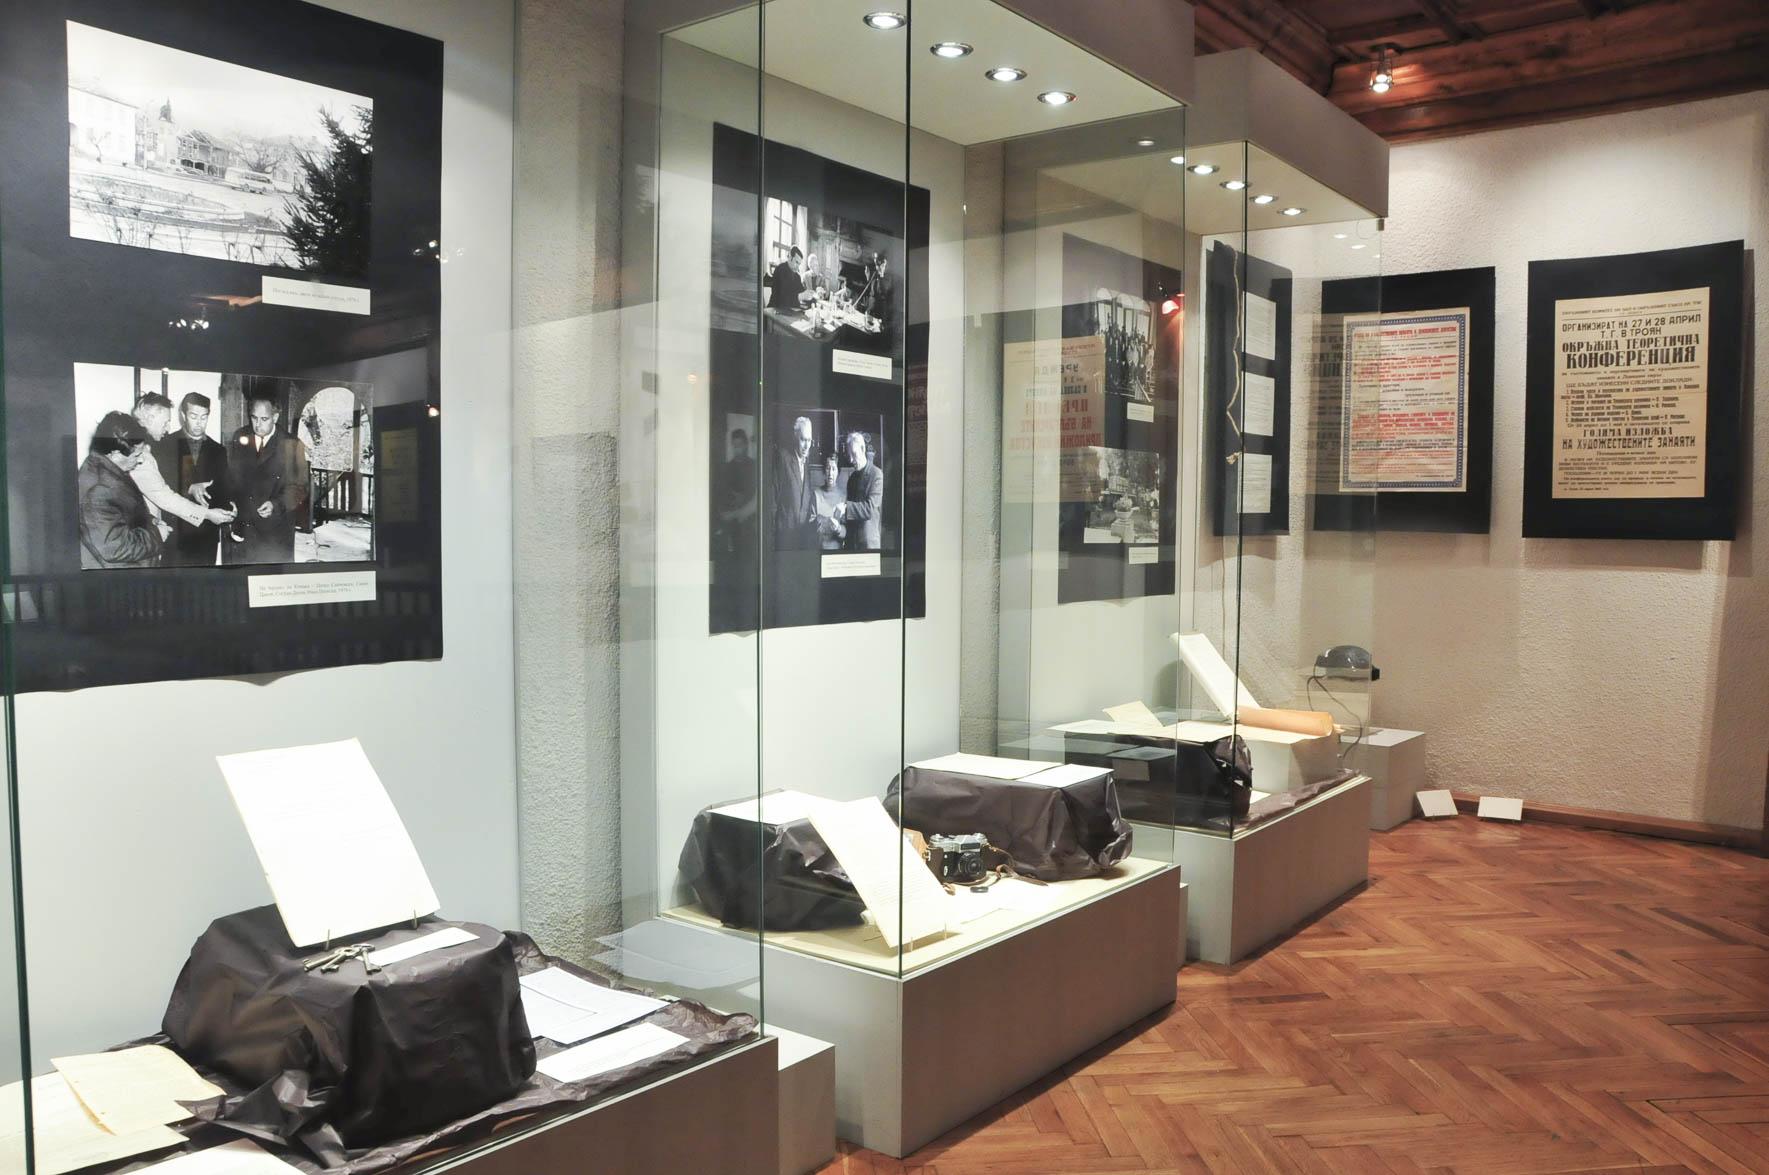 troyan-museum-razkaz-dokumenti-37